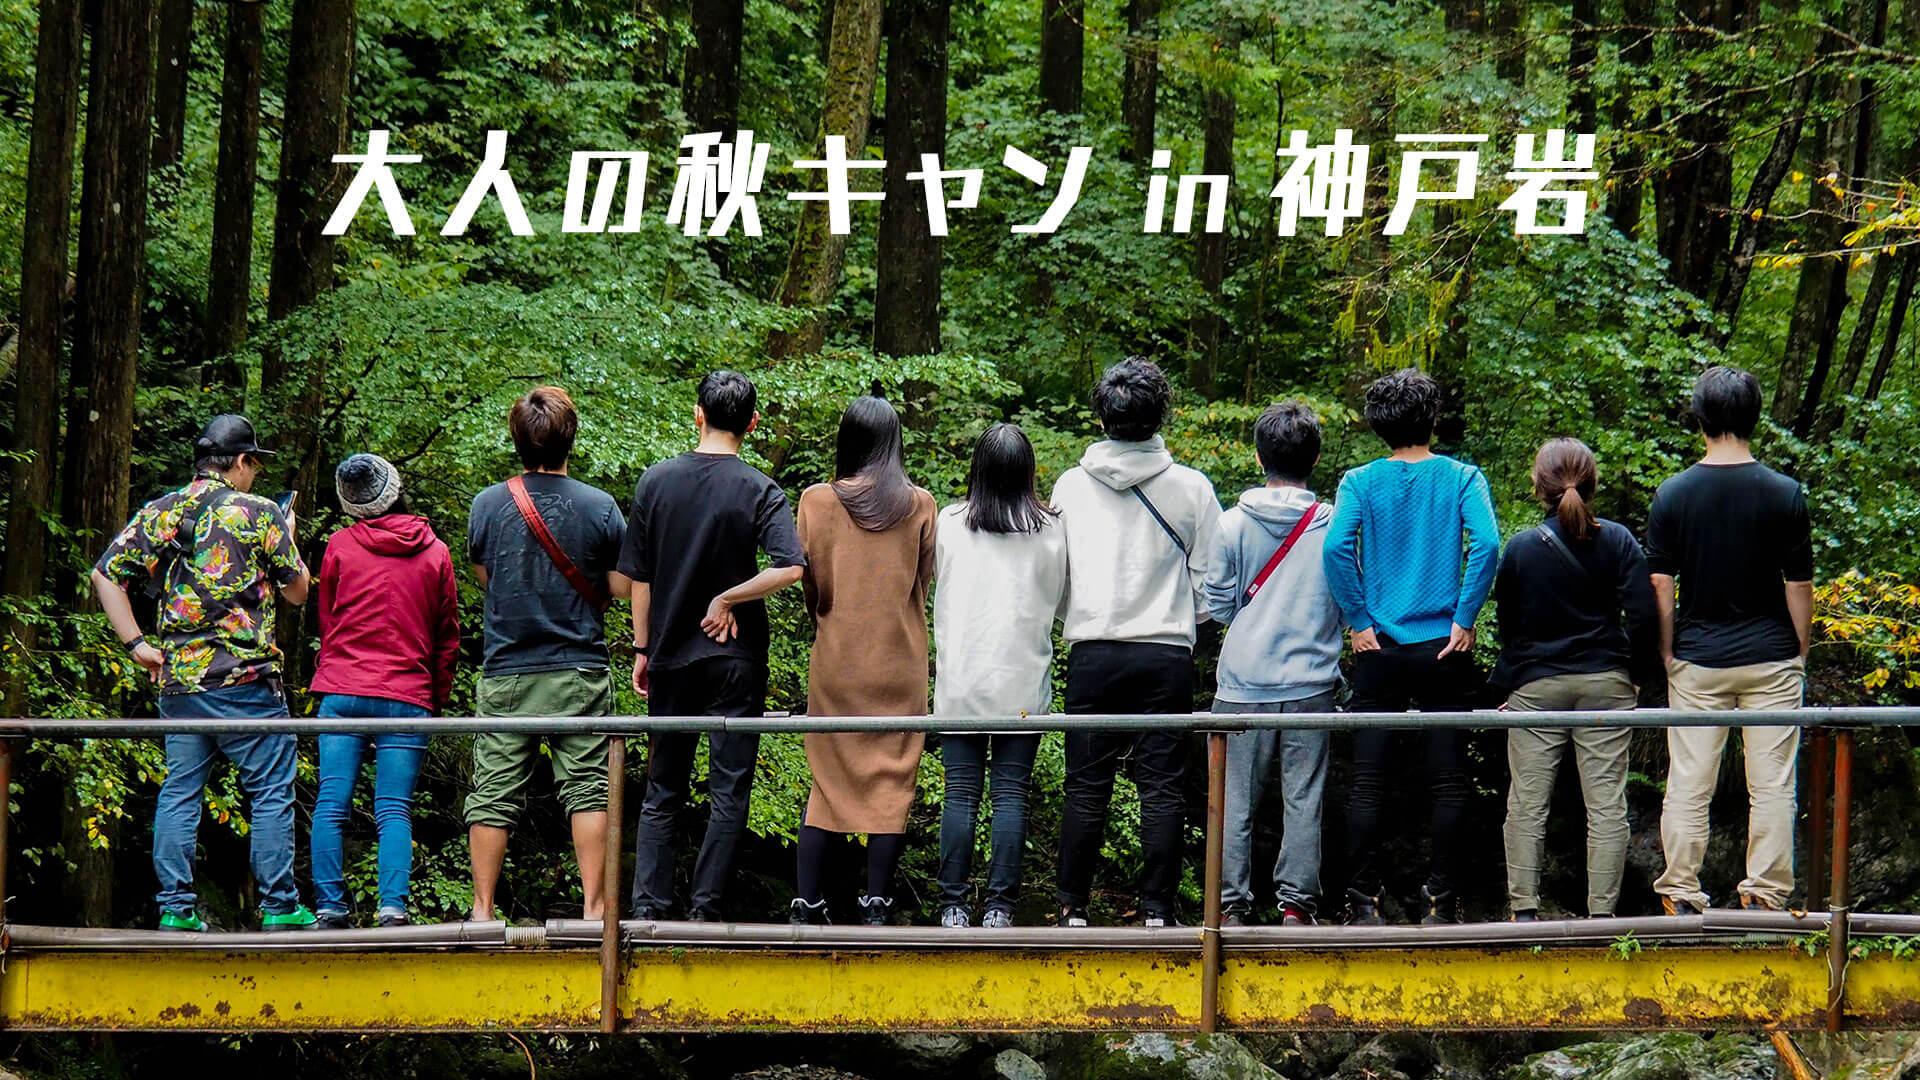 大人の秋キャン in 神戸岩がエモくて美味くて最高だった